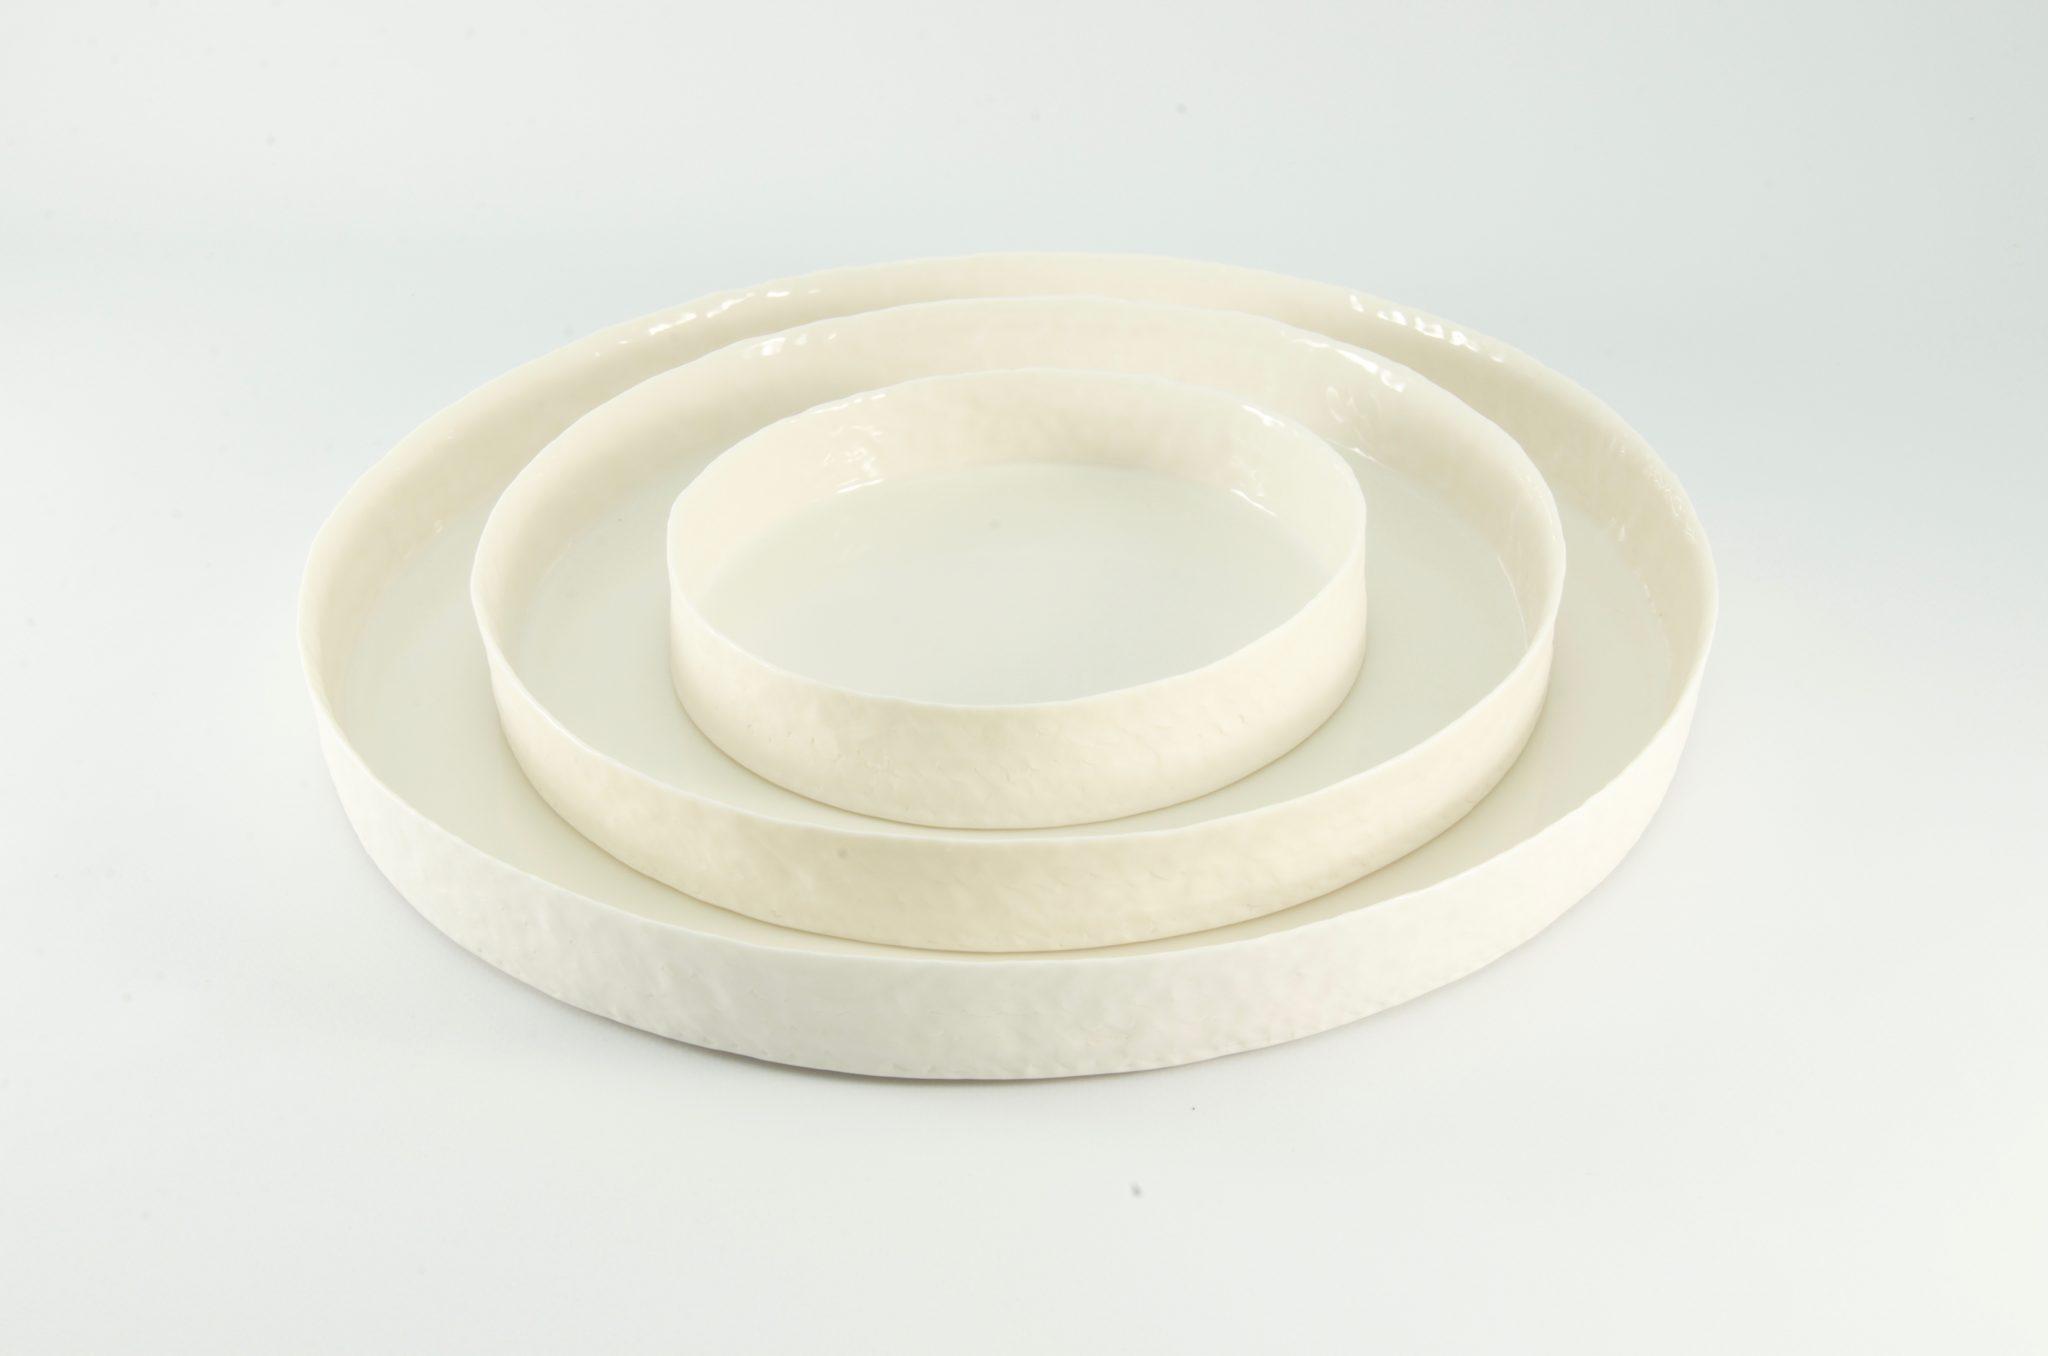 Image La Blache platte schalen